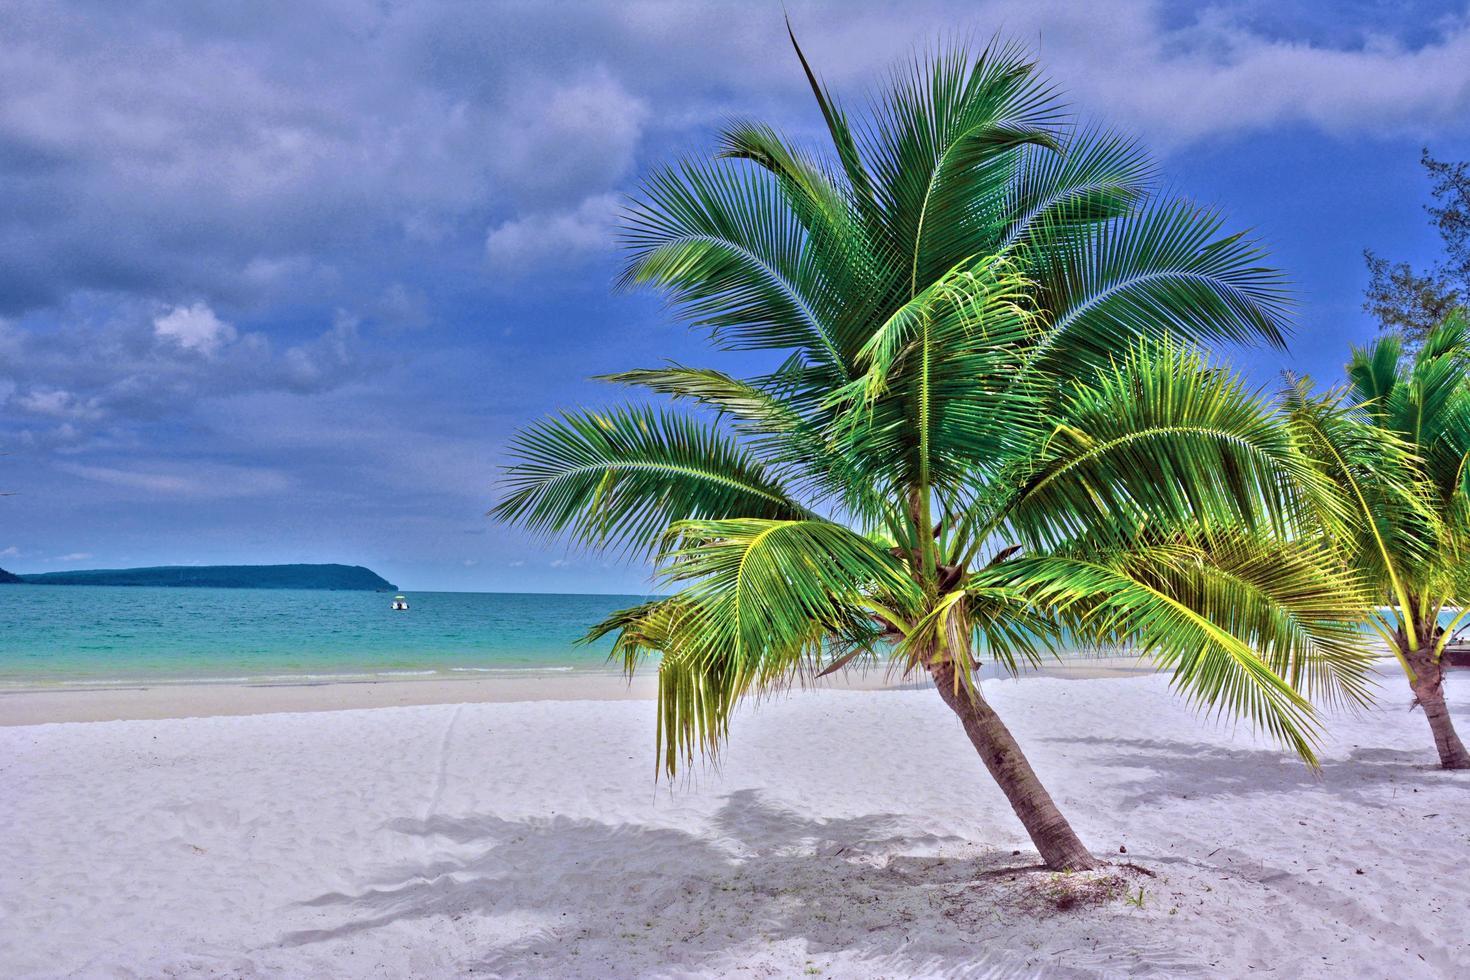 palmier vert sur la plage de sable blanc photo